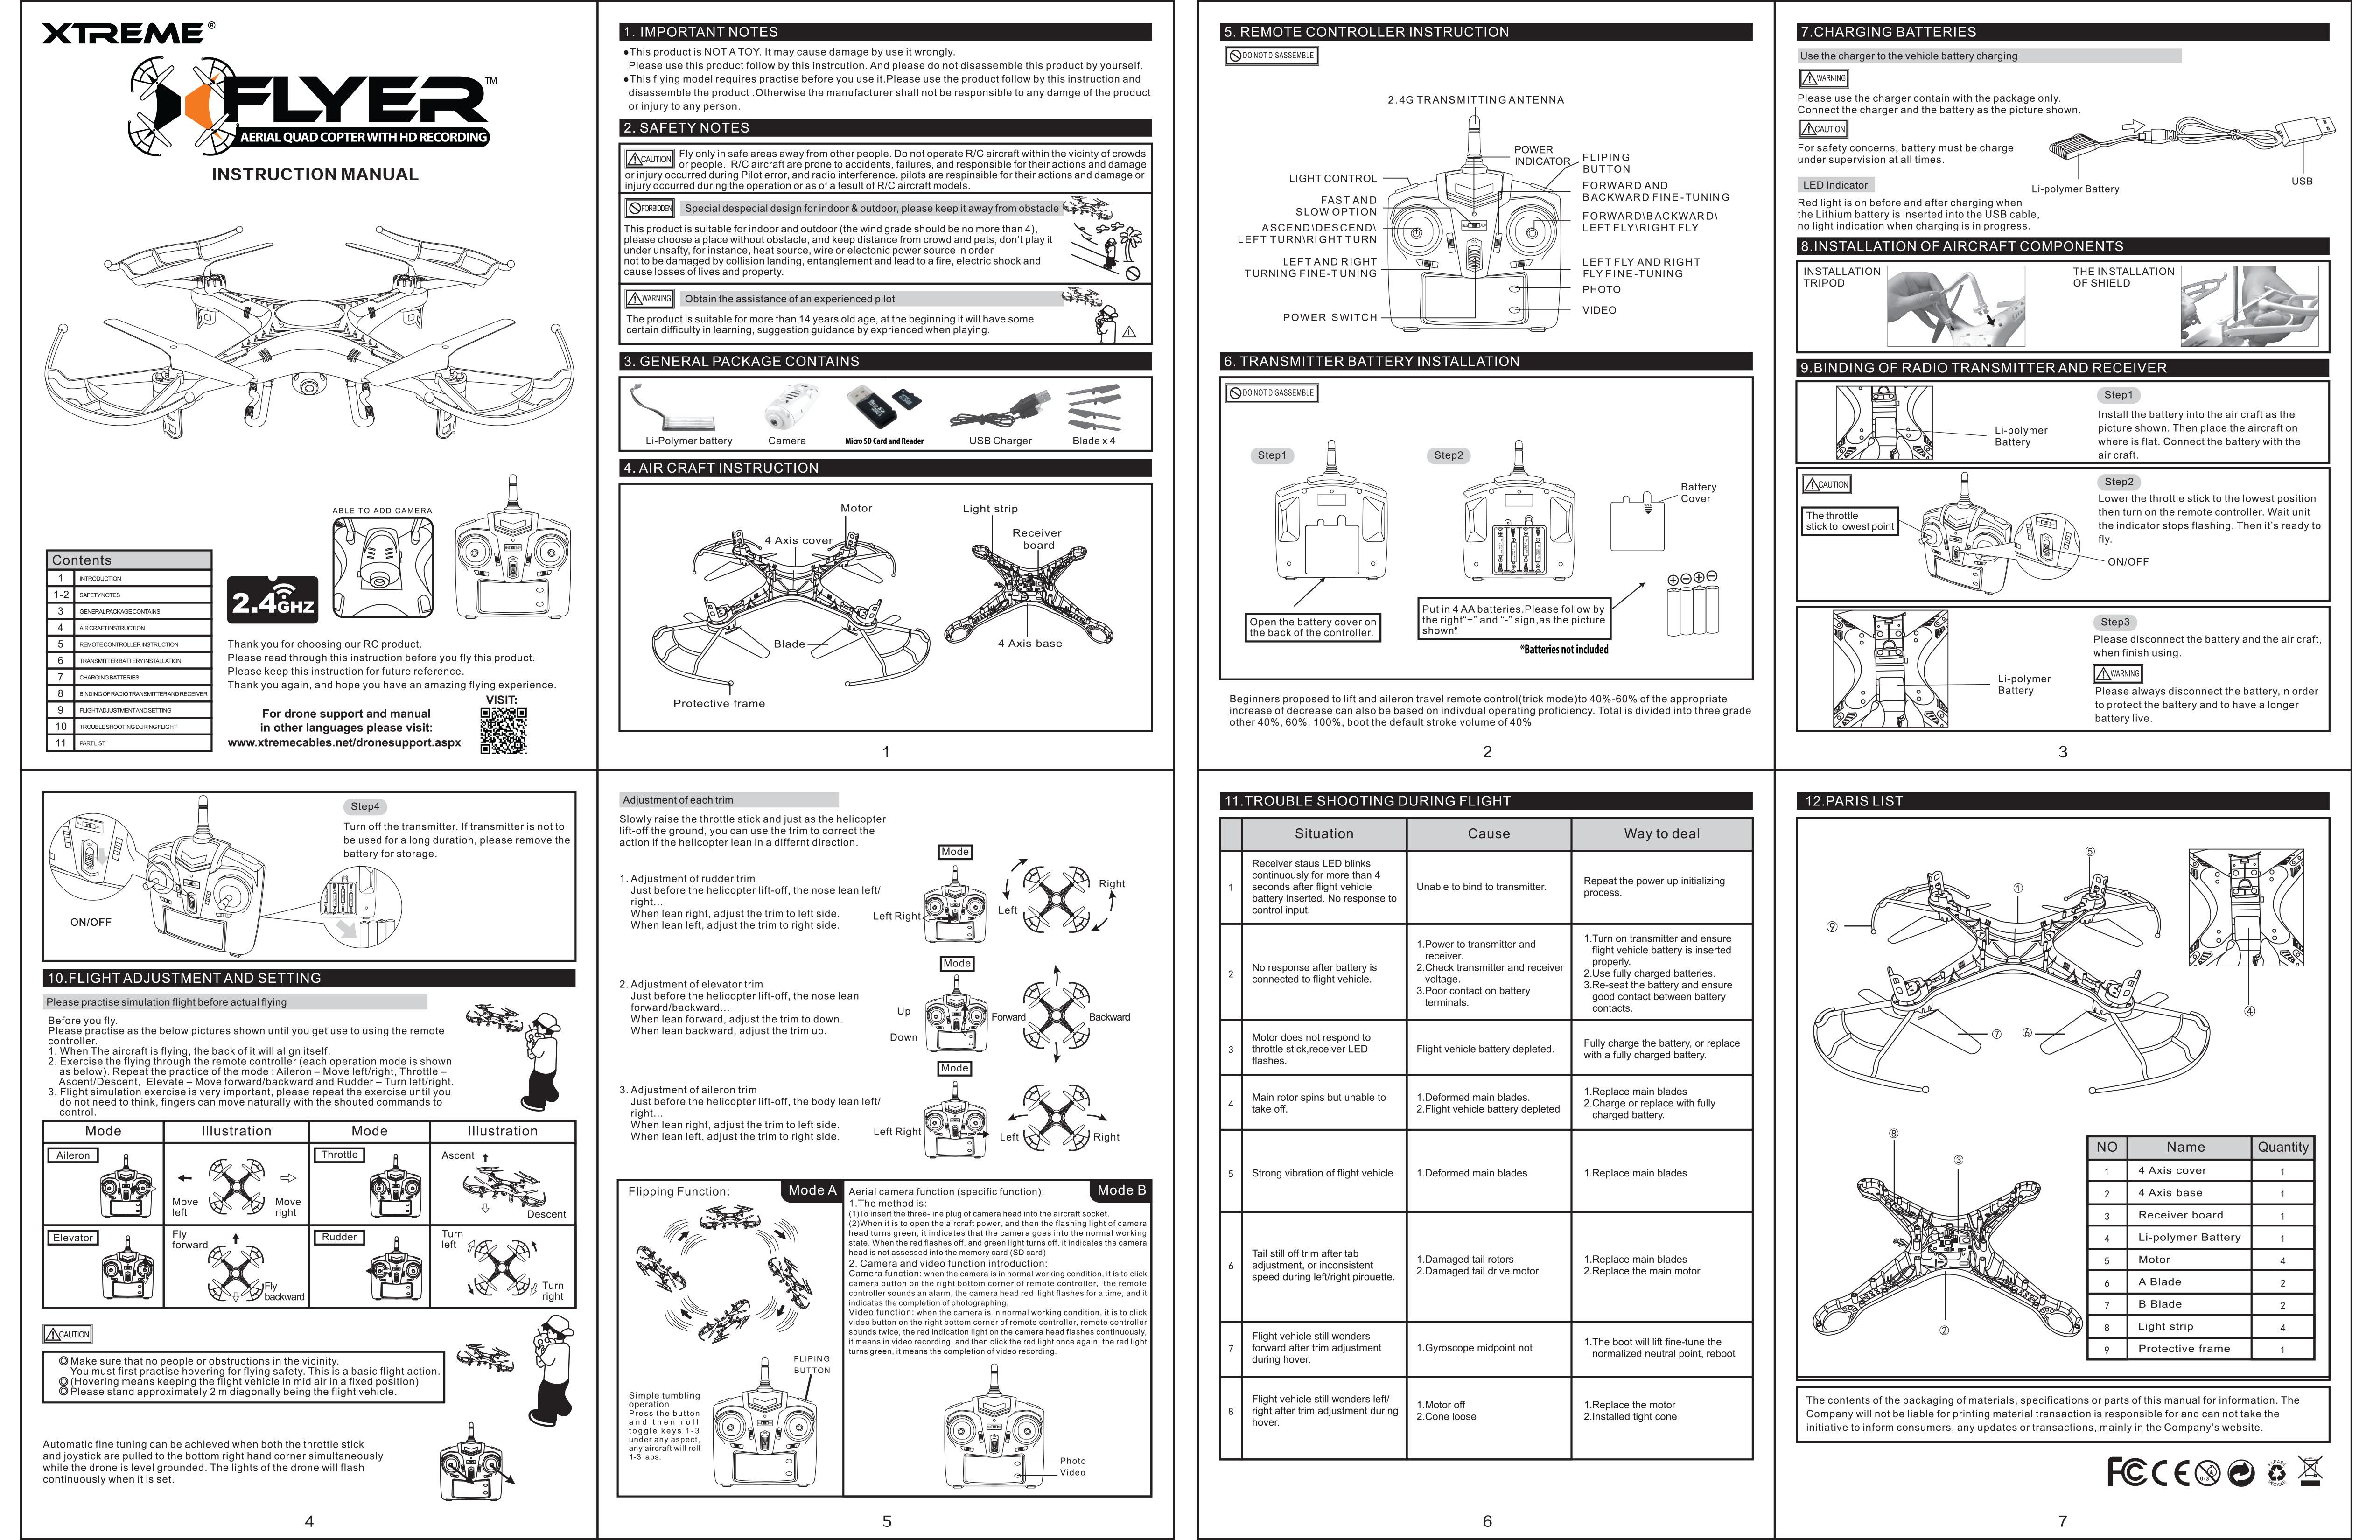 User-Manual pdf